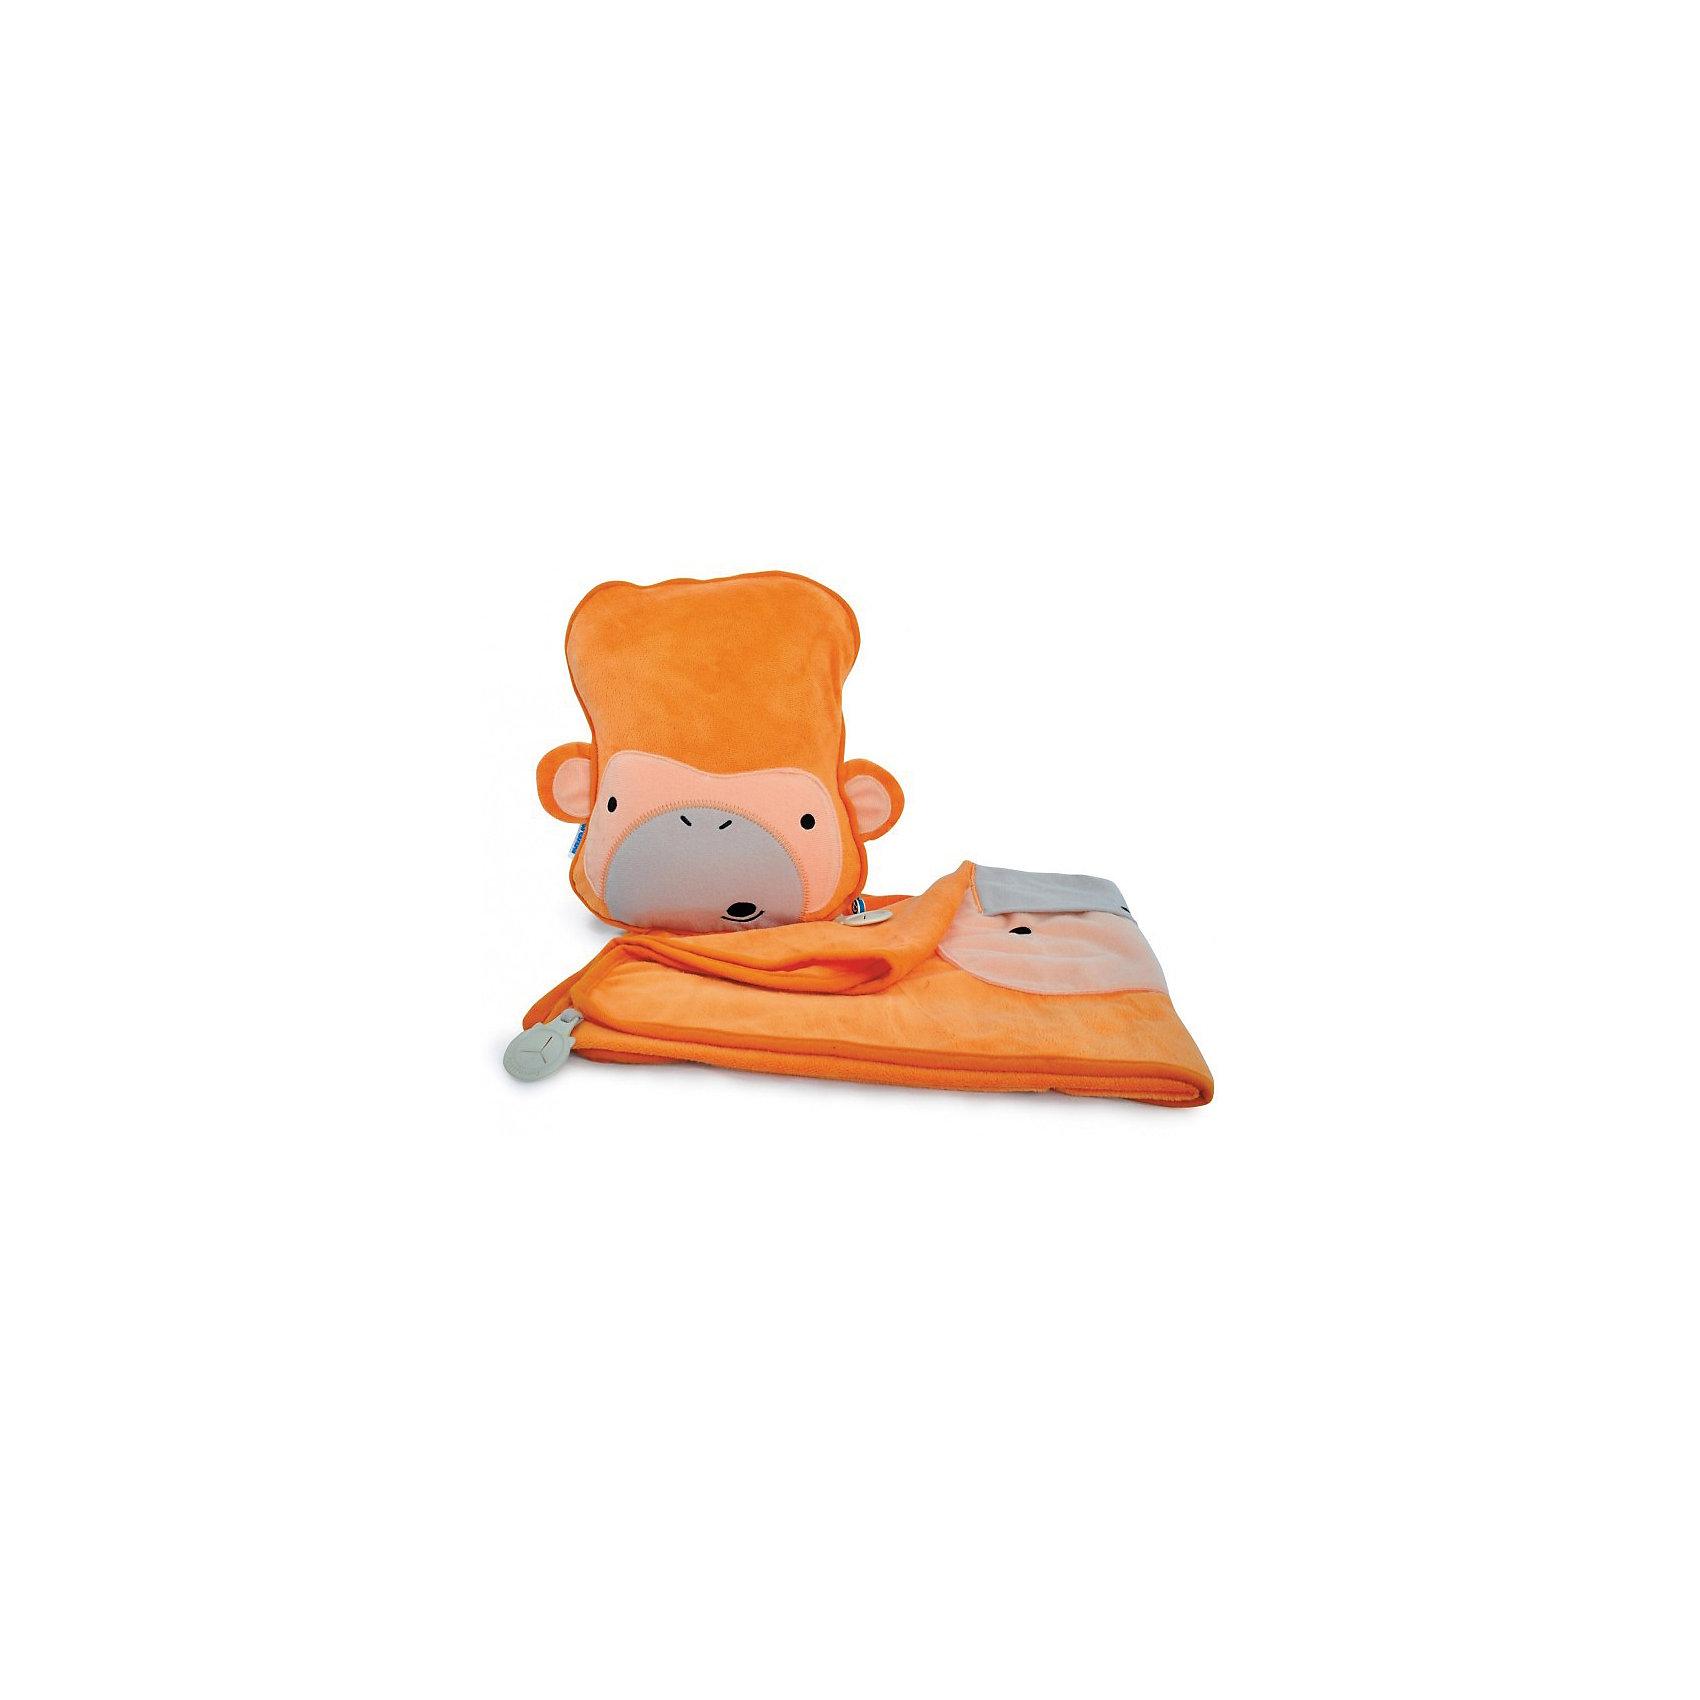 Подушка с пледом Обезьянка, TRUNKIПодушка с пледом Обезьянка, TRUNKI<br><br>Характеристики:<br><br>• Размер подушки: 26х21х7,5 см<br>• Размер пледа: 70х90 см<br>• Цвет: оранжевый<br>• Материал: текстиль, флис<br><br>Яркий и красивый набор в дорогу с обезьянкой сможет не только порадовать малыша, но и быть ему полезным. Красивая подушка и мягкий плед идеально подойдут для сна в путешествиях. Подушка легко и быстро надувается. Плед можно пристегнуть к подушке, защитив ребенка от того, что плед упадет. На пледе есть небольшой кармашек, в который можно посадить игрушку, чтобы сделать сон еще более комфортным вместе с любимым другом. Подушка и плед сделаны из качественного материала и полностью безопасны для детей.<br><br>Подушку с пледом Обезьянка, TRUNKI можно купить в нашем интернет-магазине<br><br>Ширина мм: 440<br>Глубина мм: 380<br>Высота мм: 310<br>Вес г: 440<br>Возраст от месяцев: 36<br>Возраст до месяцев: 1188<br>Пол: Унисекс<br>Возраст: Детский<br>SKU: 5164517